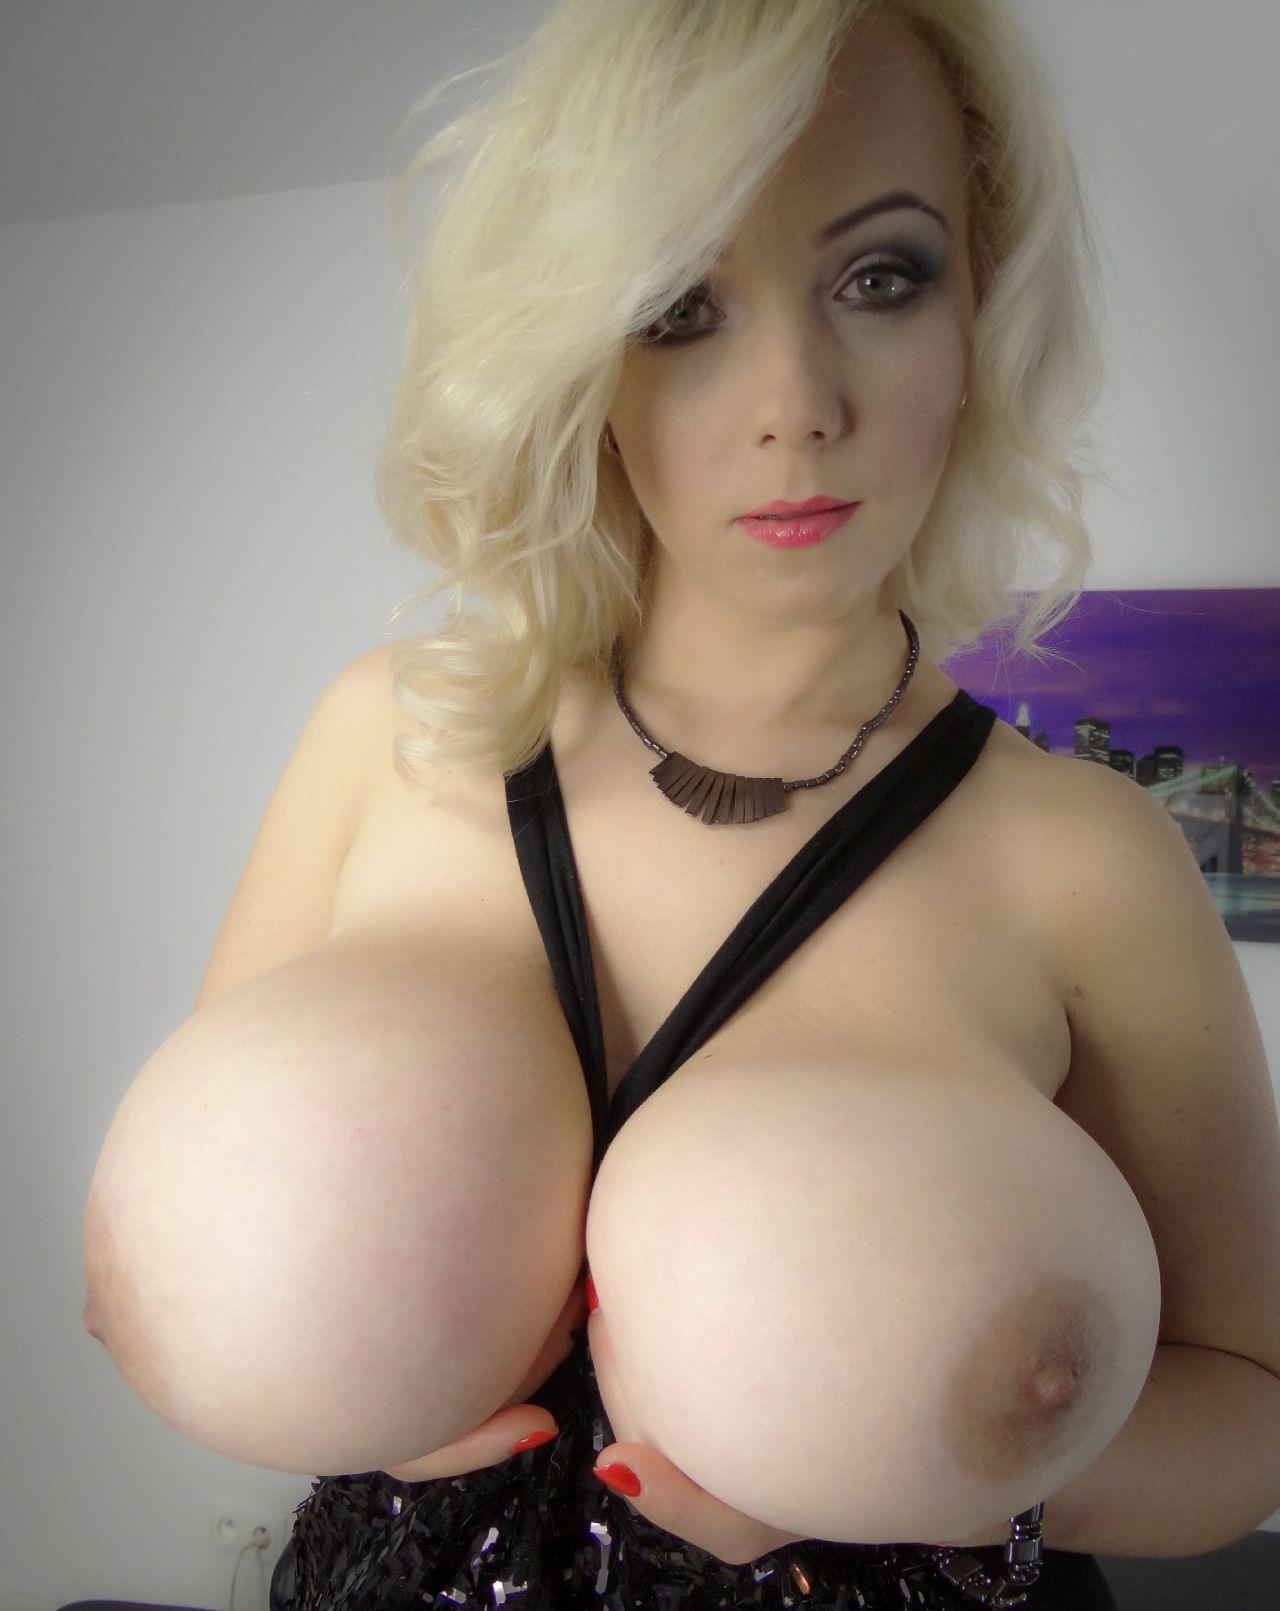 porn video gifs